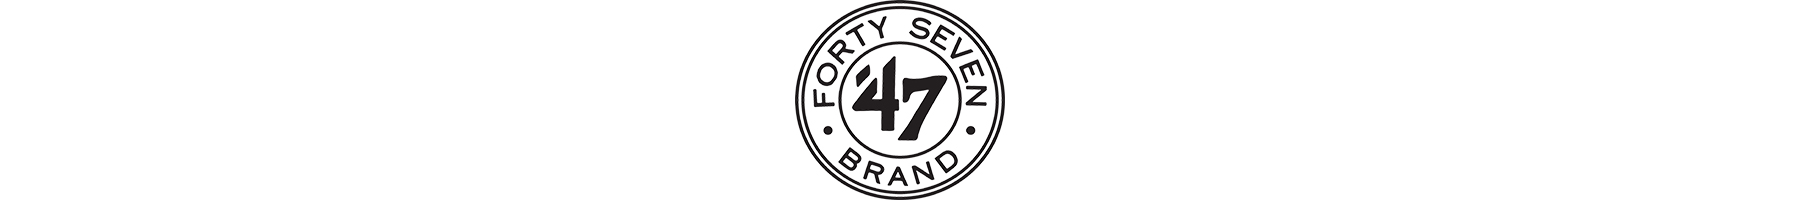 DrJays.com - '47 Brand